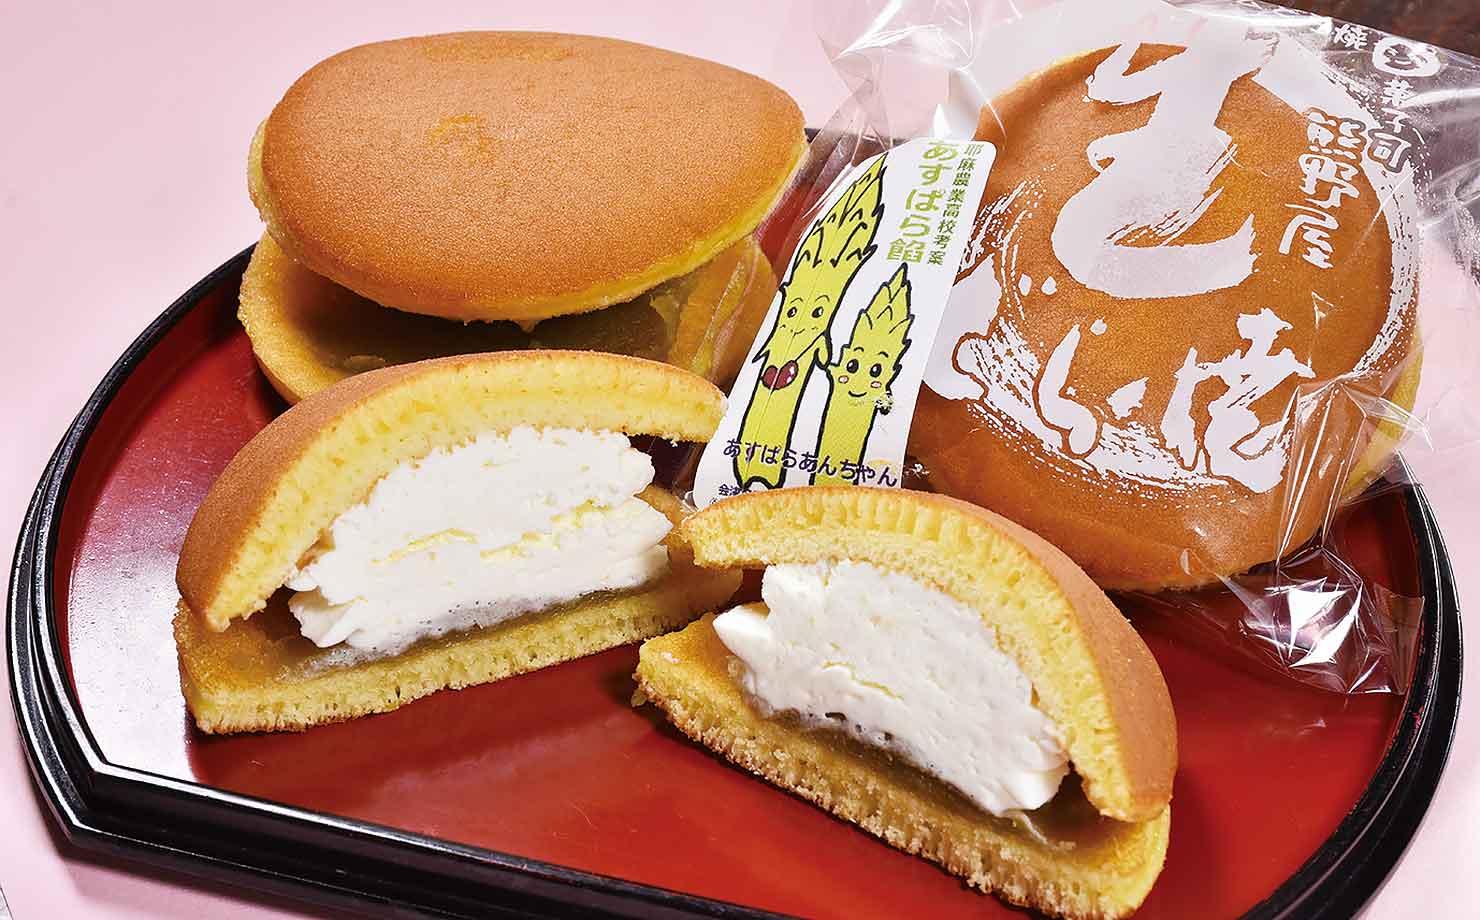 菓子司 熊野屋 七日町店写真